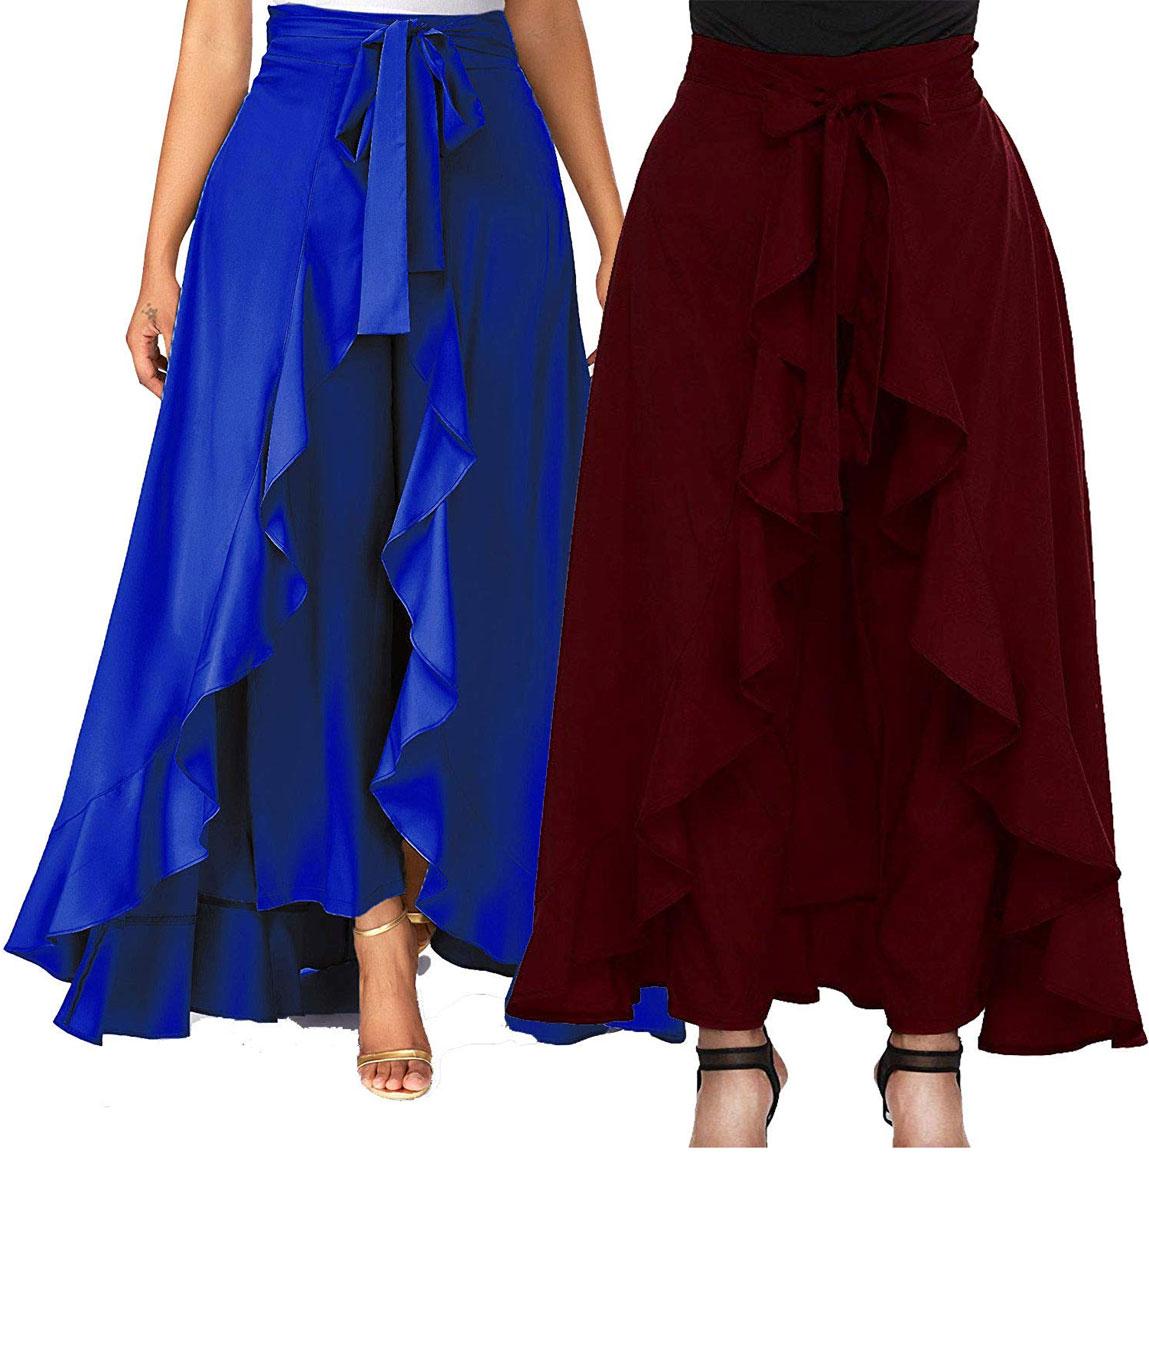 Women`s/Girls Crepe Solid Tie-Waist Layered/Ruffle Skirt Palazzo(blue&maroon)